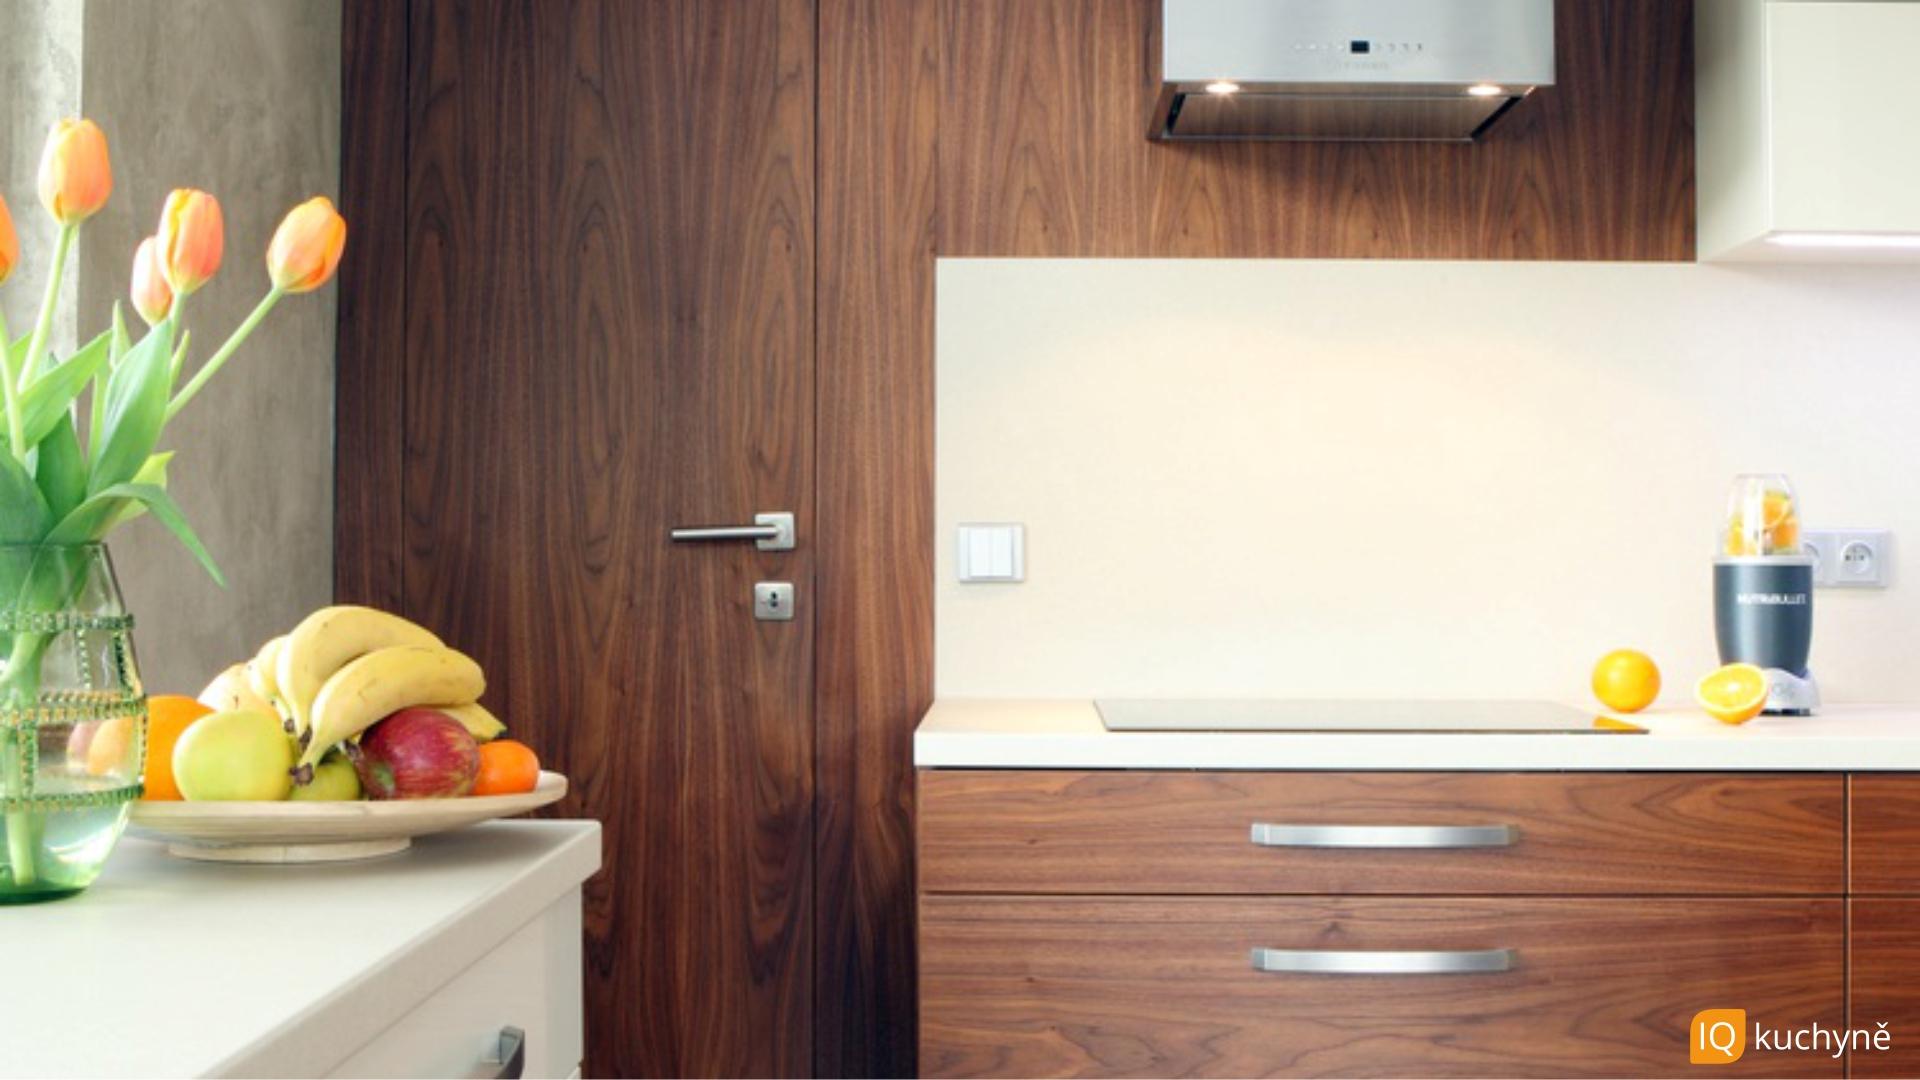 TOP kuchyně | Detail zádveří